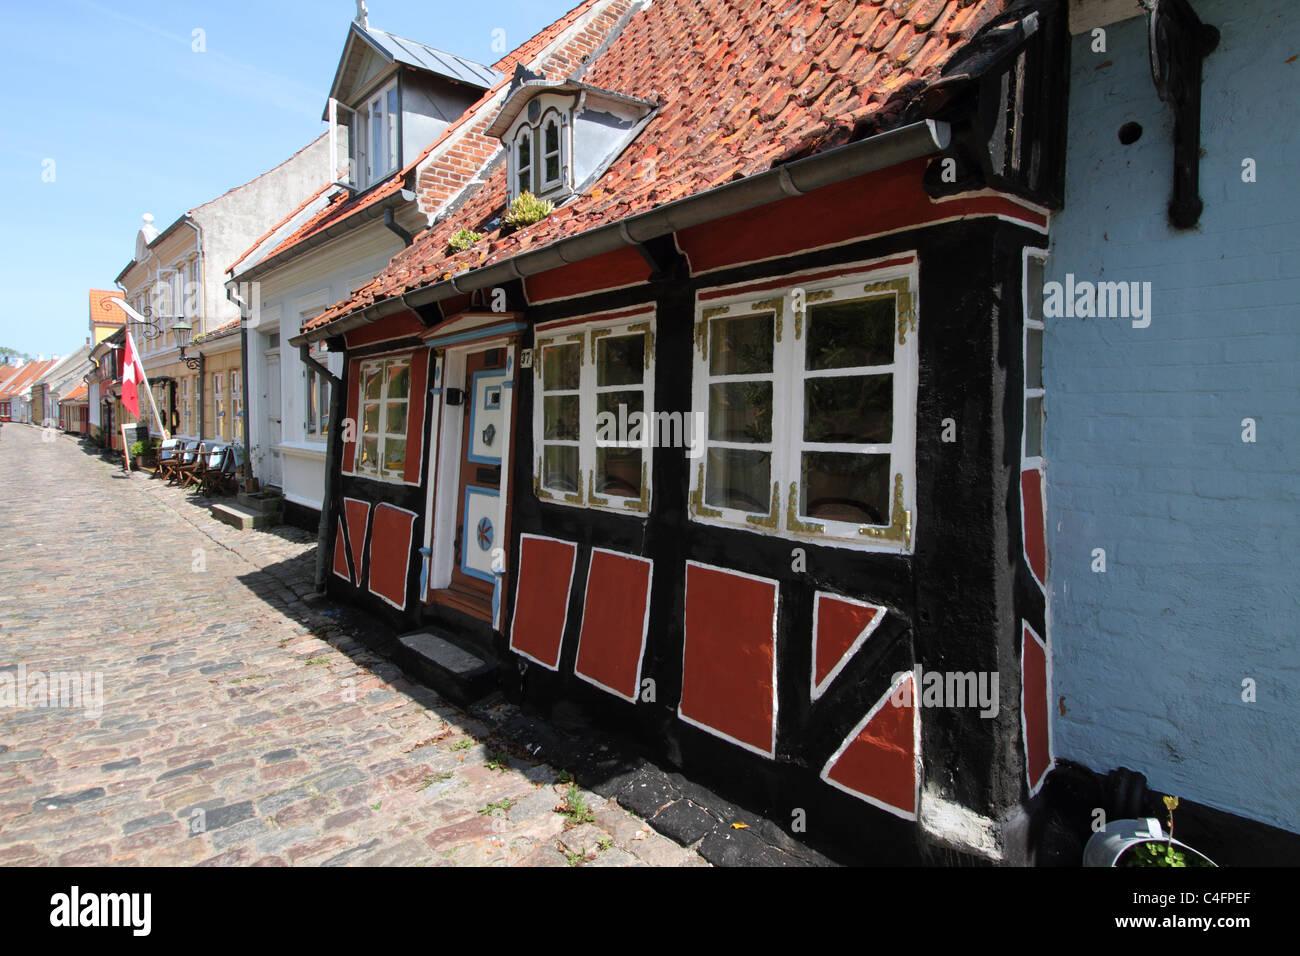 very-old-house-in-rskbing-denmark-C4FPEF